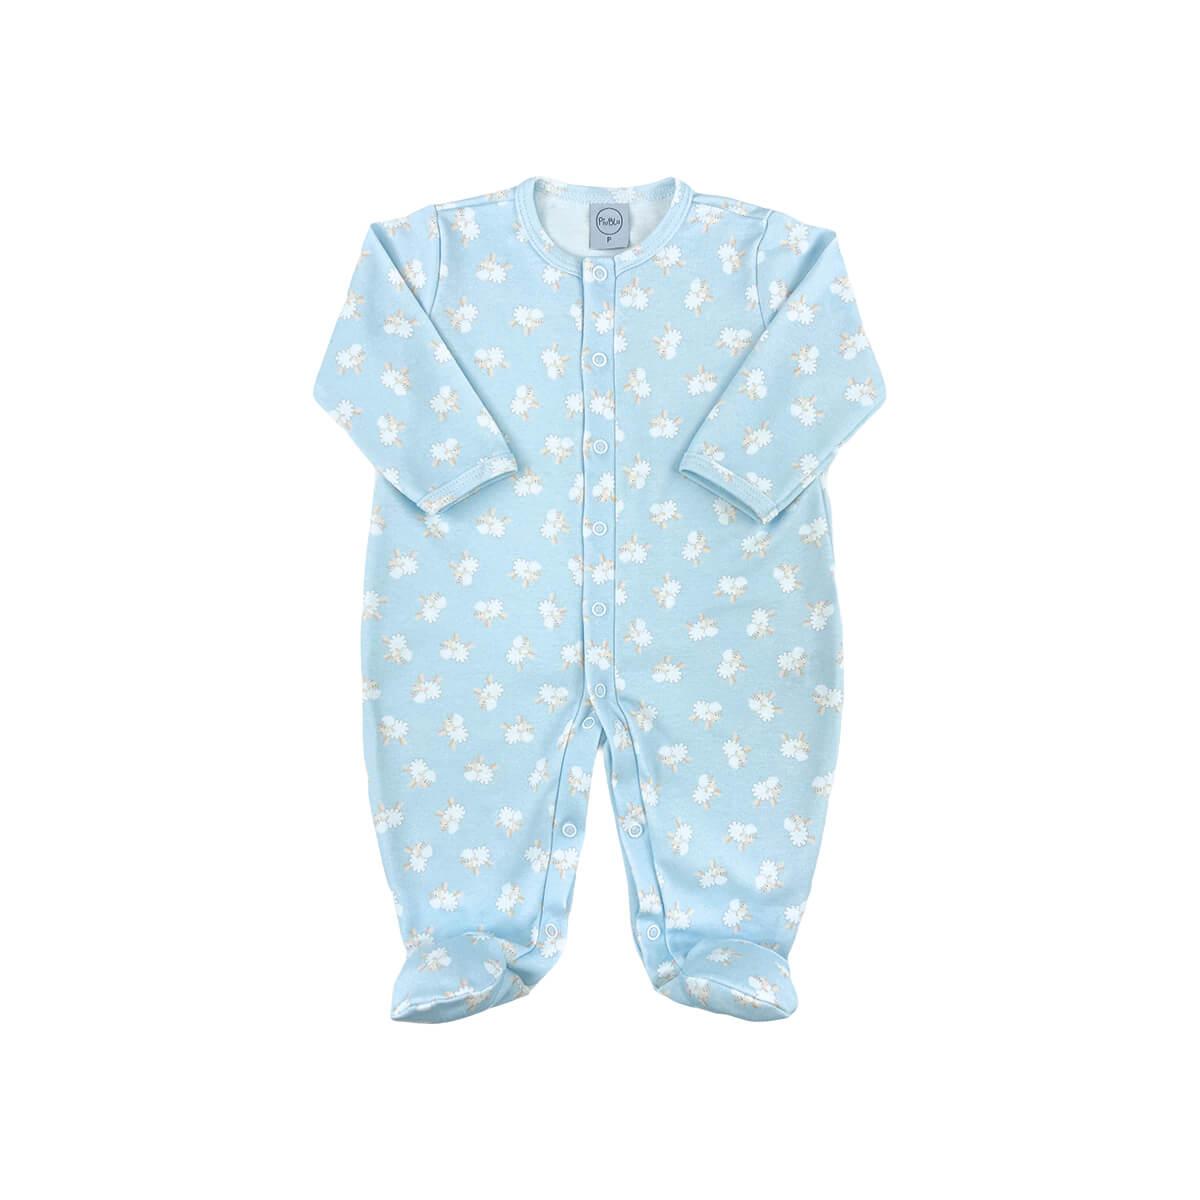 Macacão Bebê Básico Fio Egípcio Ovelhinha Azul - Tamanhos RN e P com pezinho; M, G e XG sem pezinho